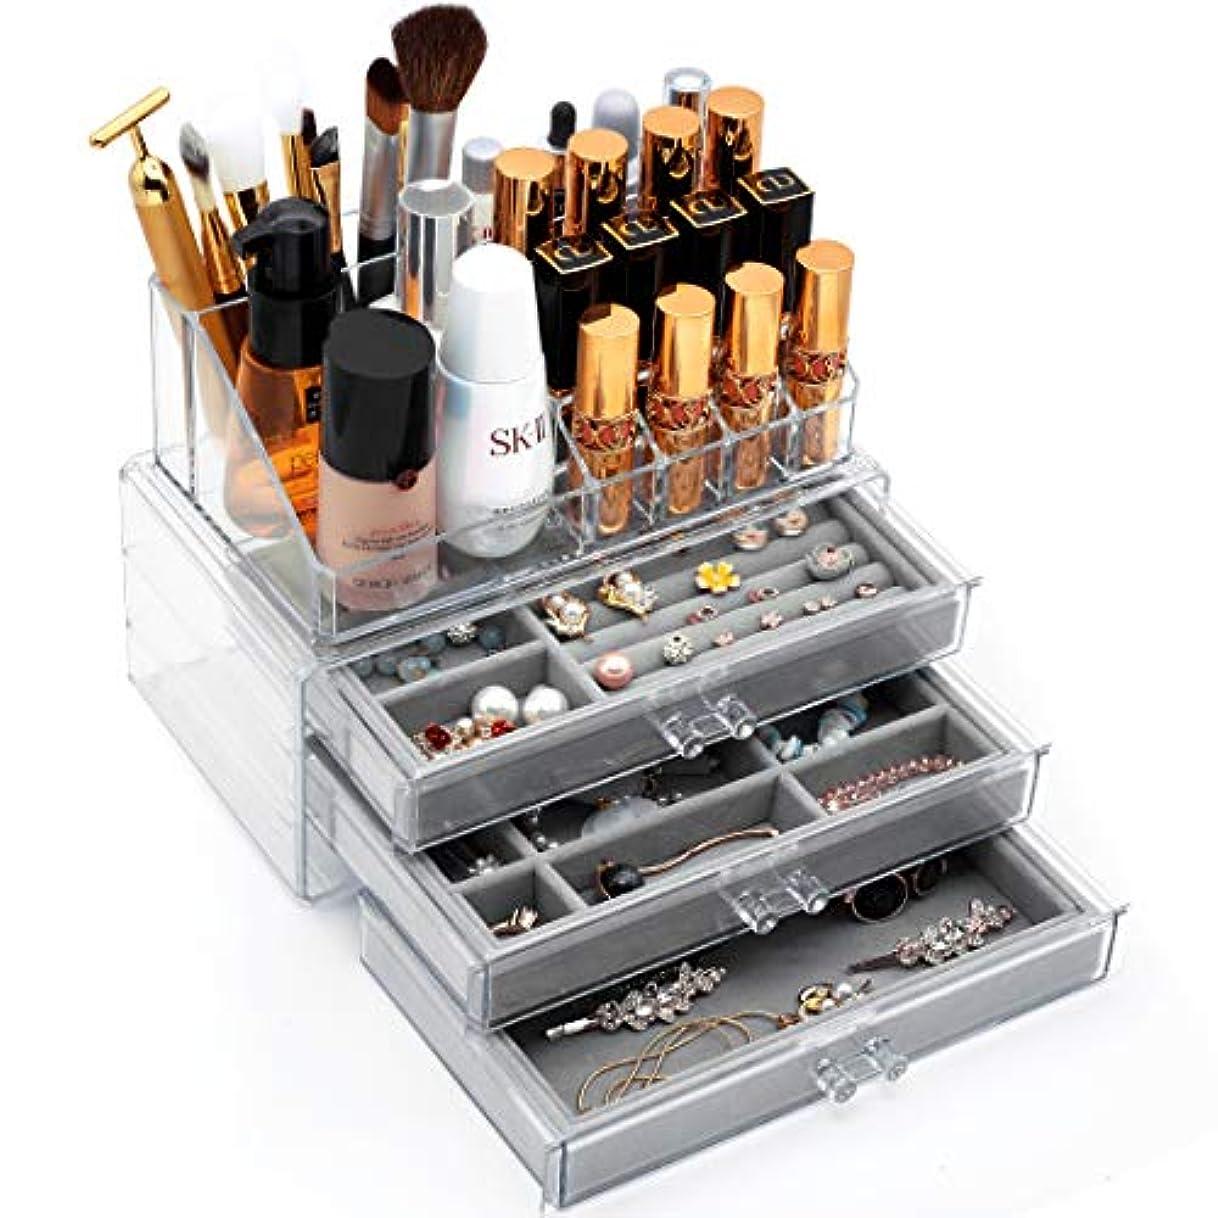 箱緊張する時計回りFORSONT ジュエリー&化粧品ボックス 大容量 アクセサリーボックス 小物/化粧品入れ 引き出し式